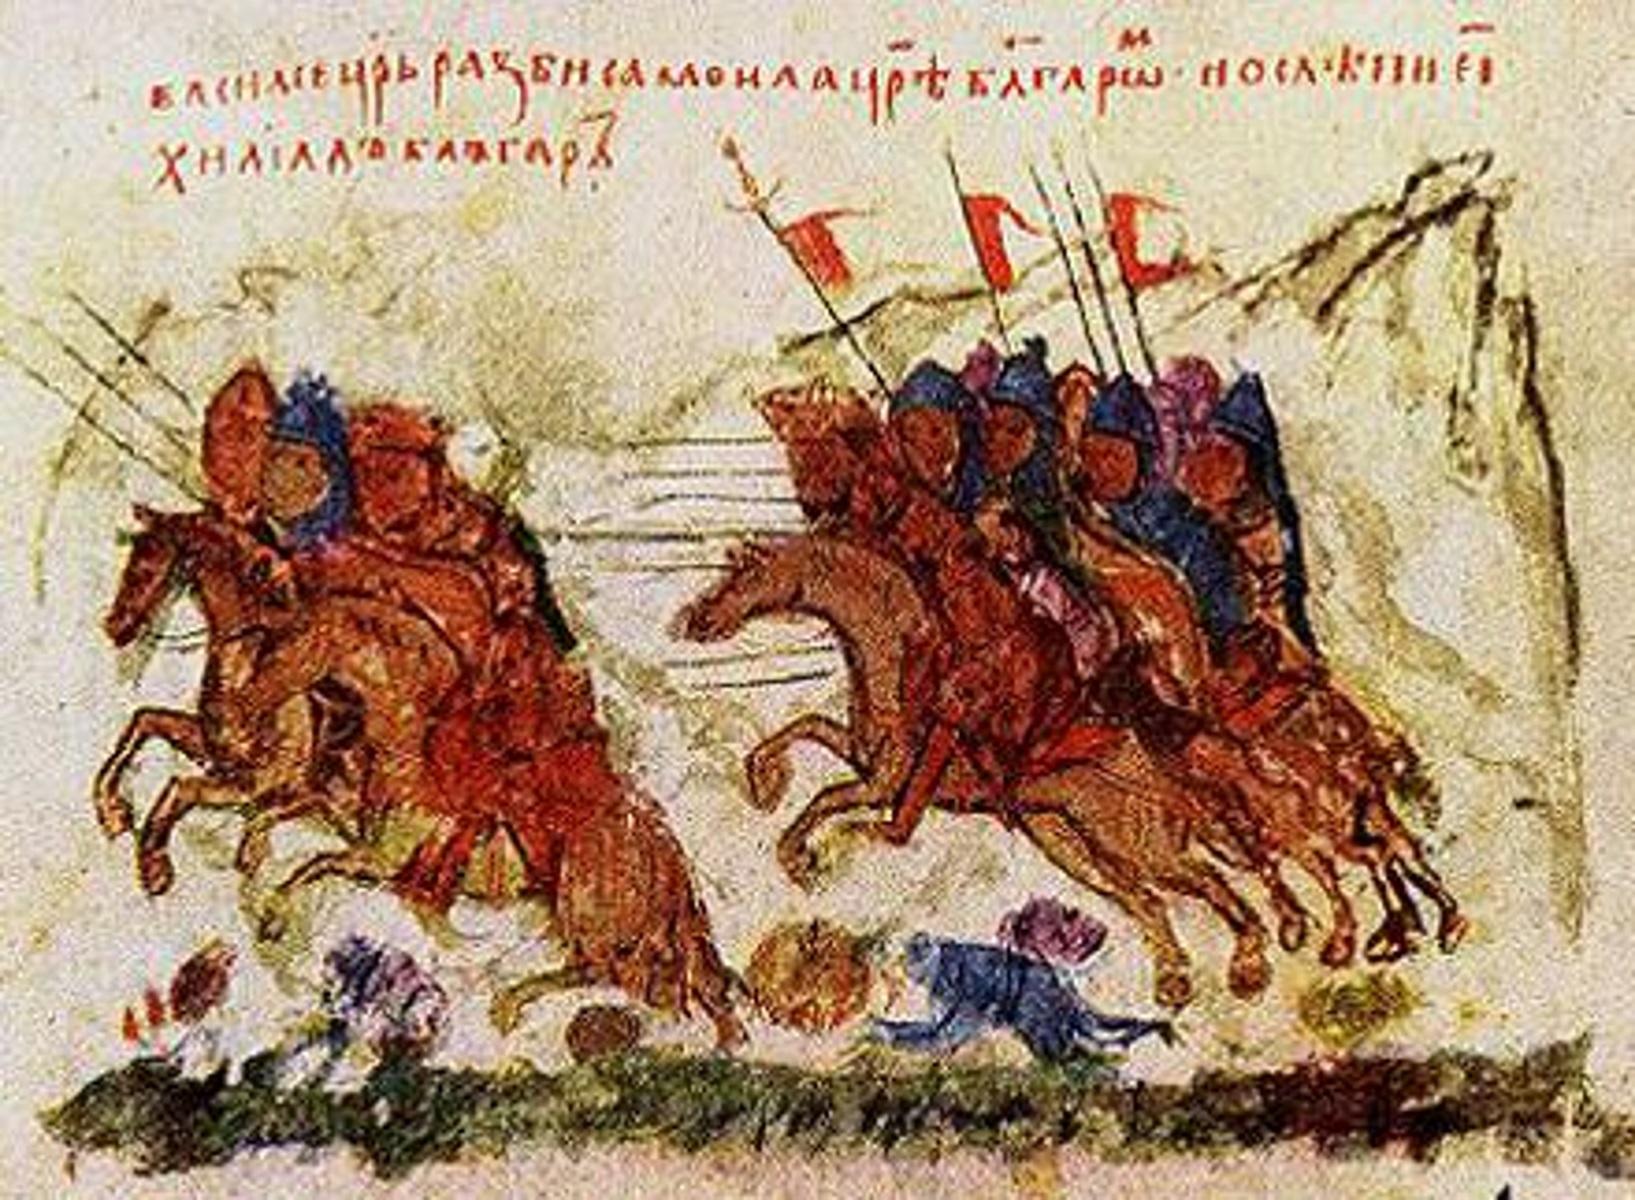 Μάχη του Κλειδίου: Ο Βασίλειος Β' συντρίβει και τυφλώνει χιλιάδες Βούλγαρους